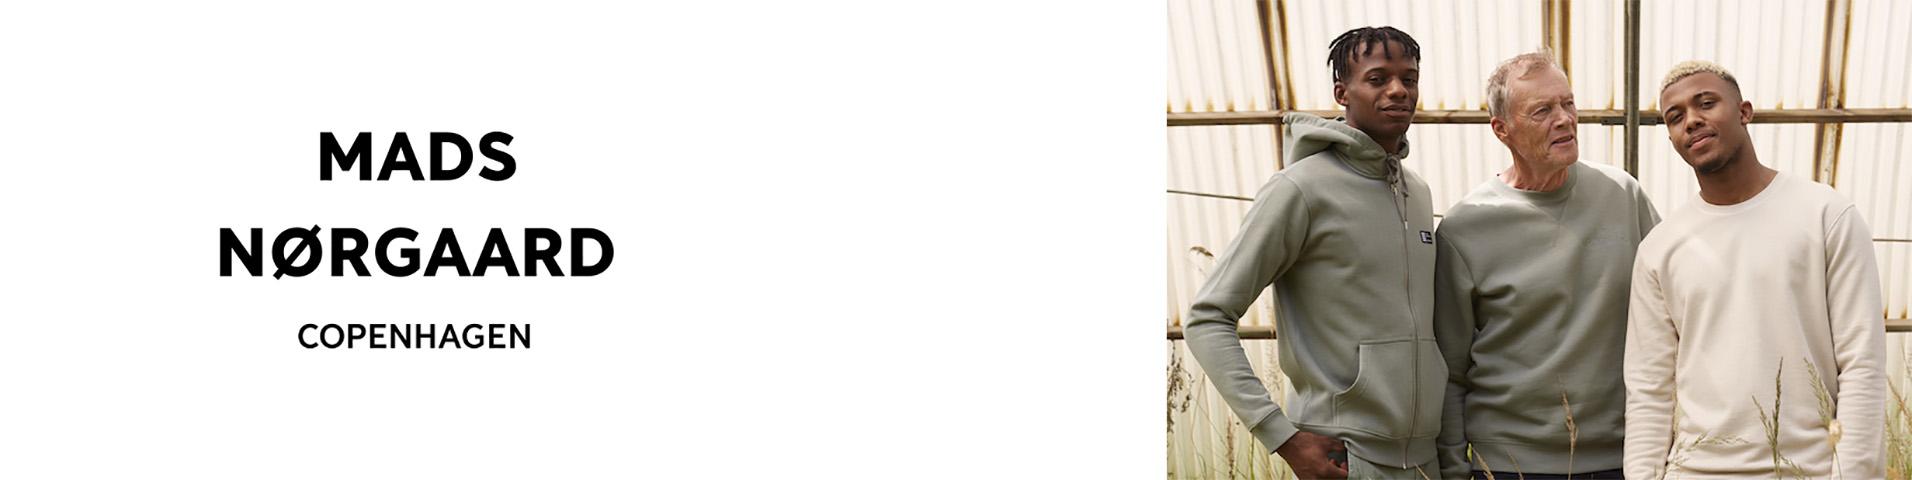 Tröjor & koftor | Herr | Köp herrtröjor online på